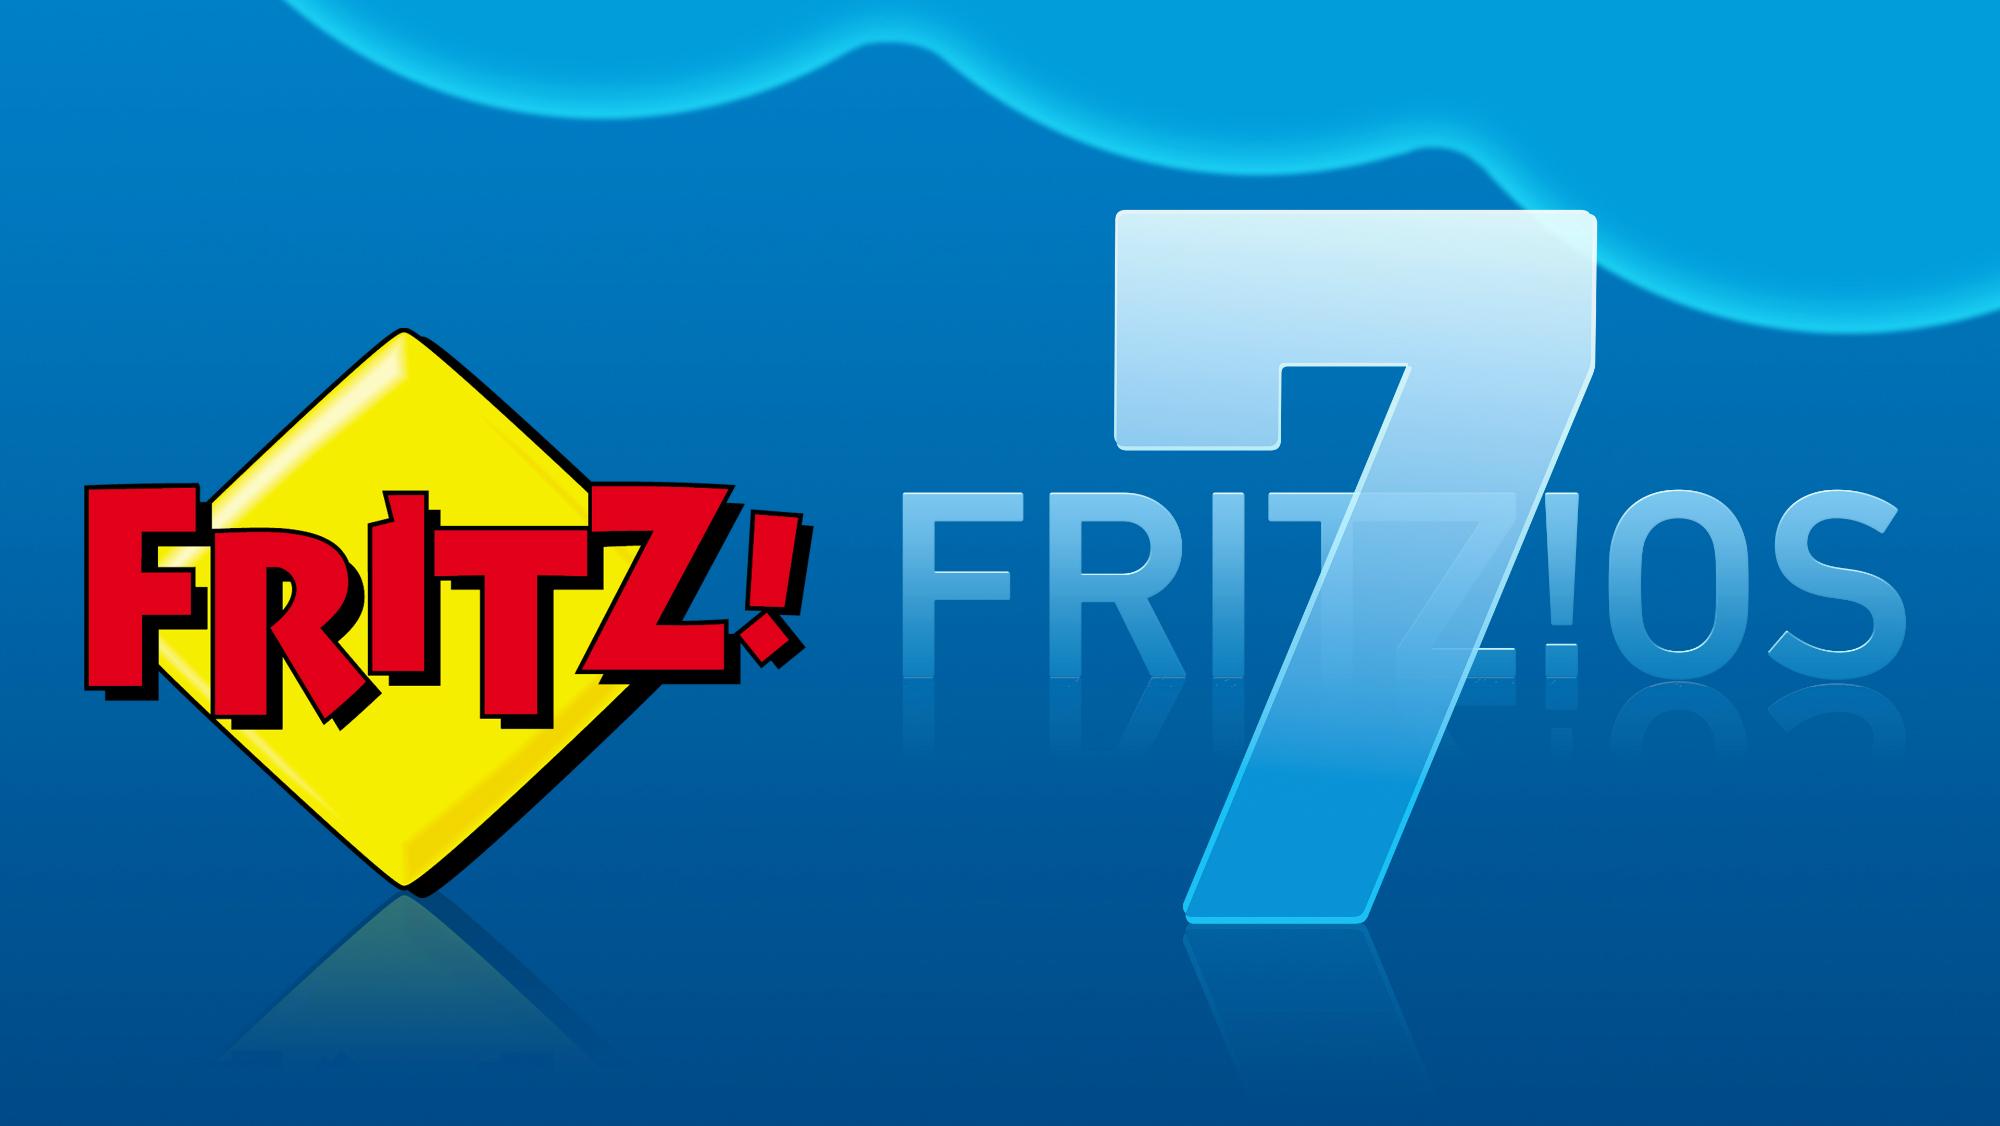 Wann Kommt Fritz Os 7 Für 7490